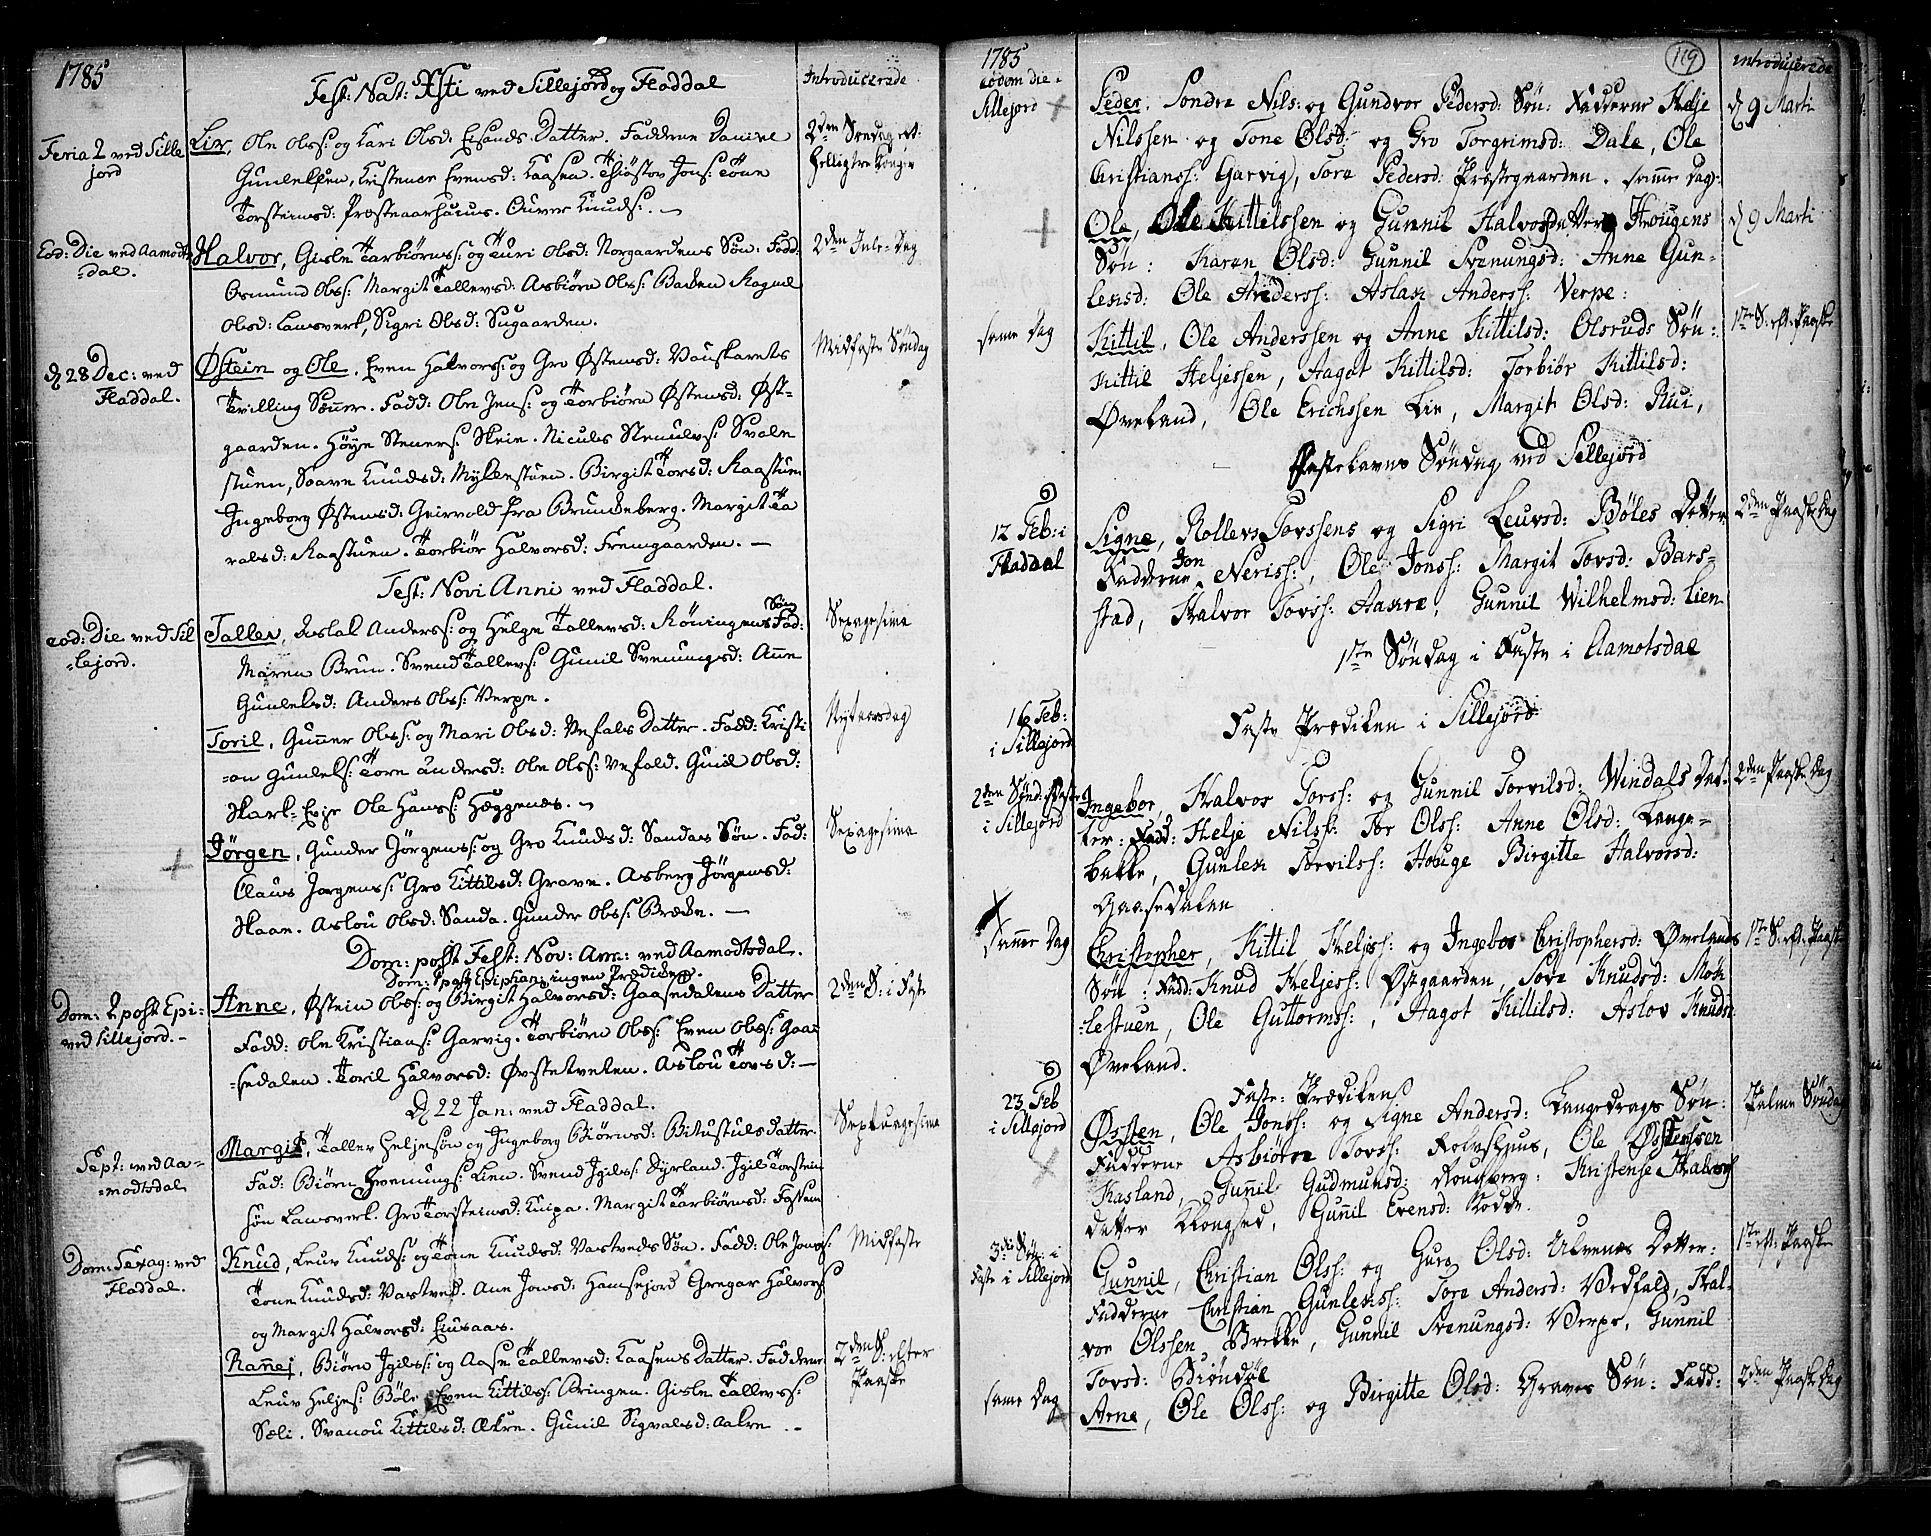 SAKO, Seljord kirkebøker, F/Fa/L0007: Ministerialbok nr. I 7, 1755-1800, s. 119